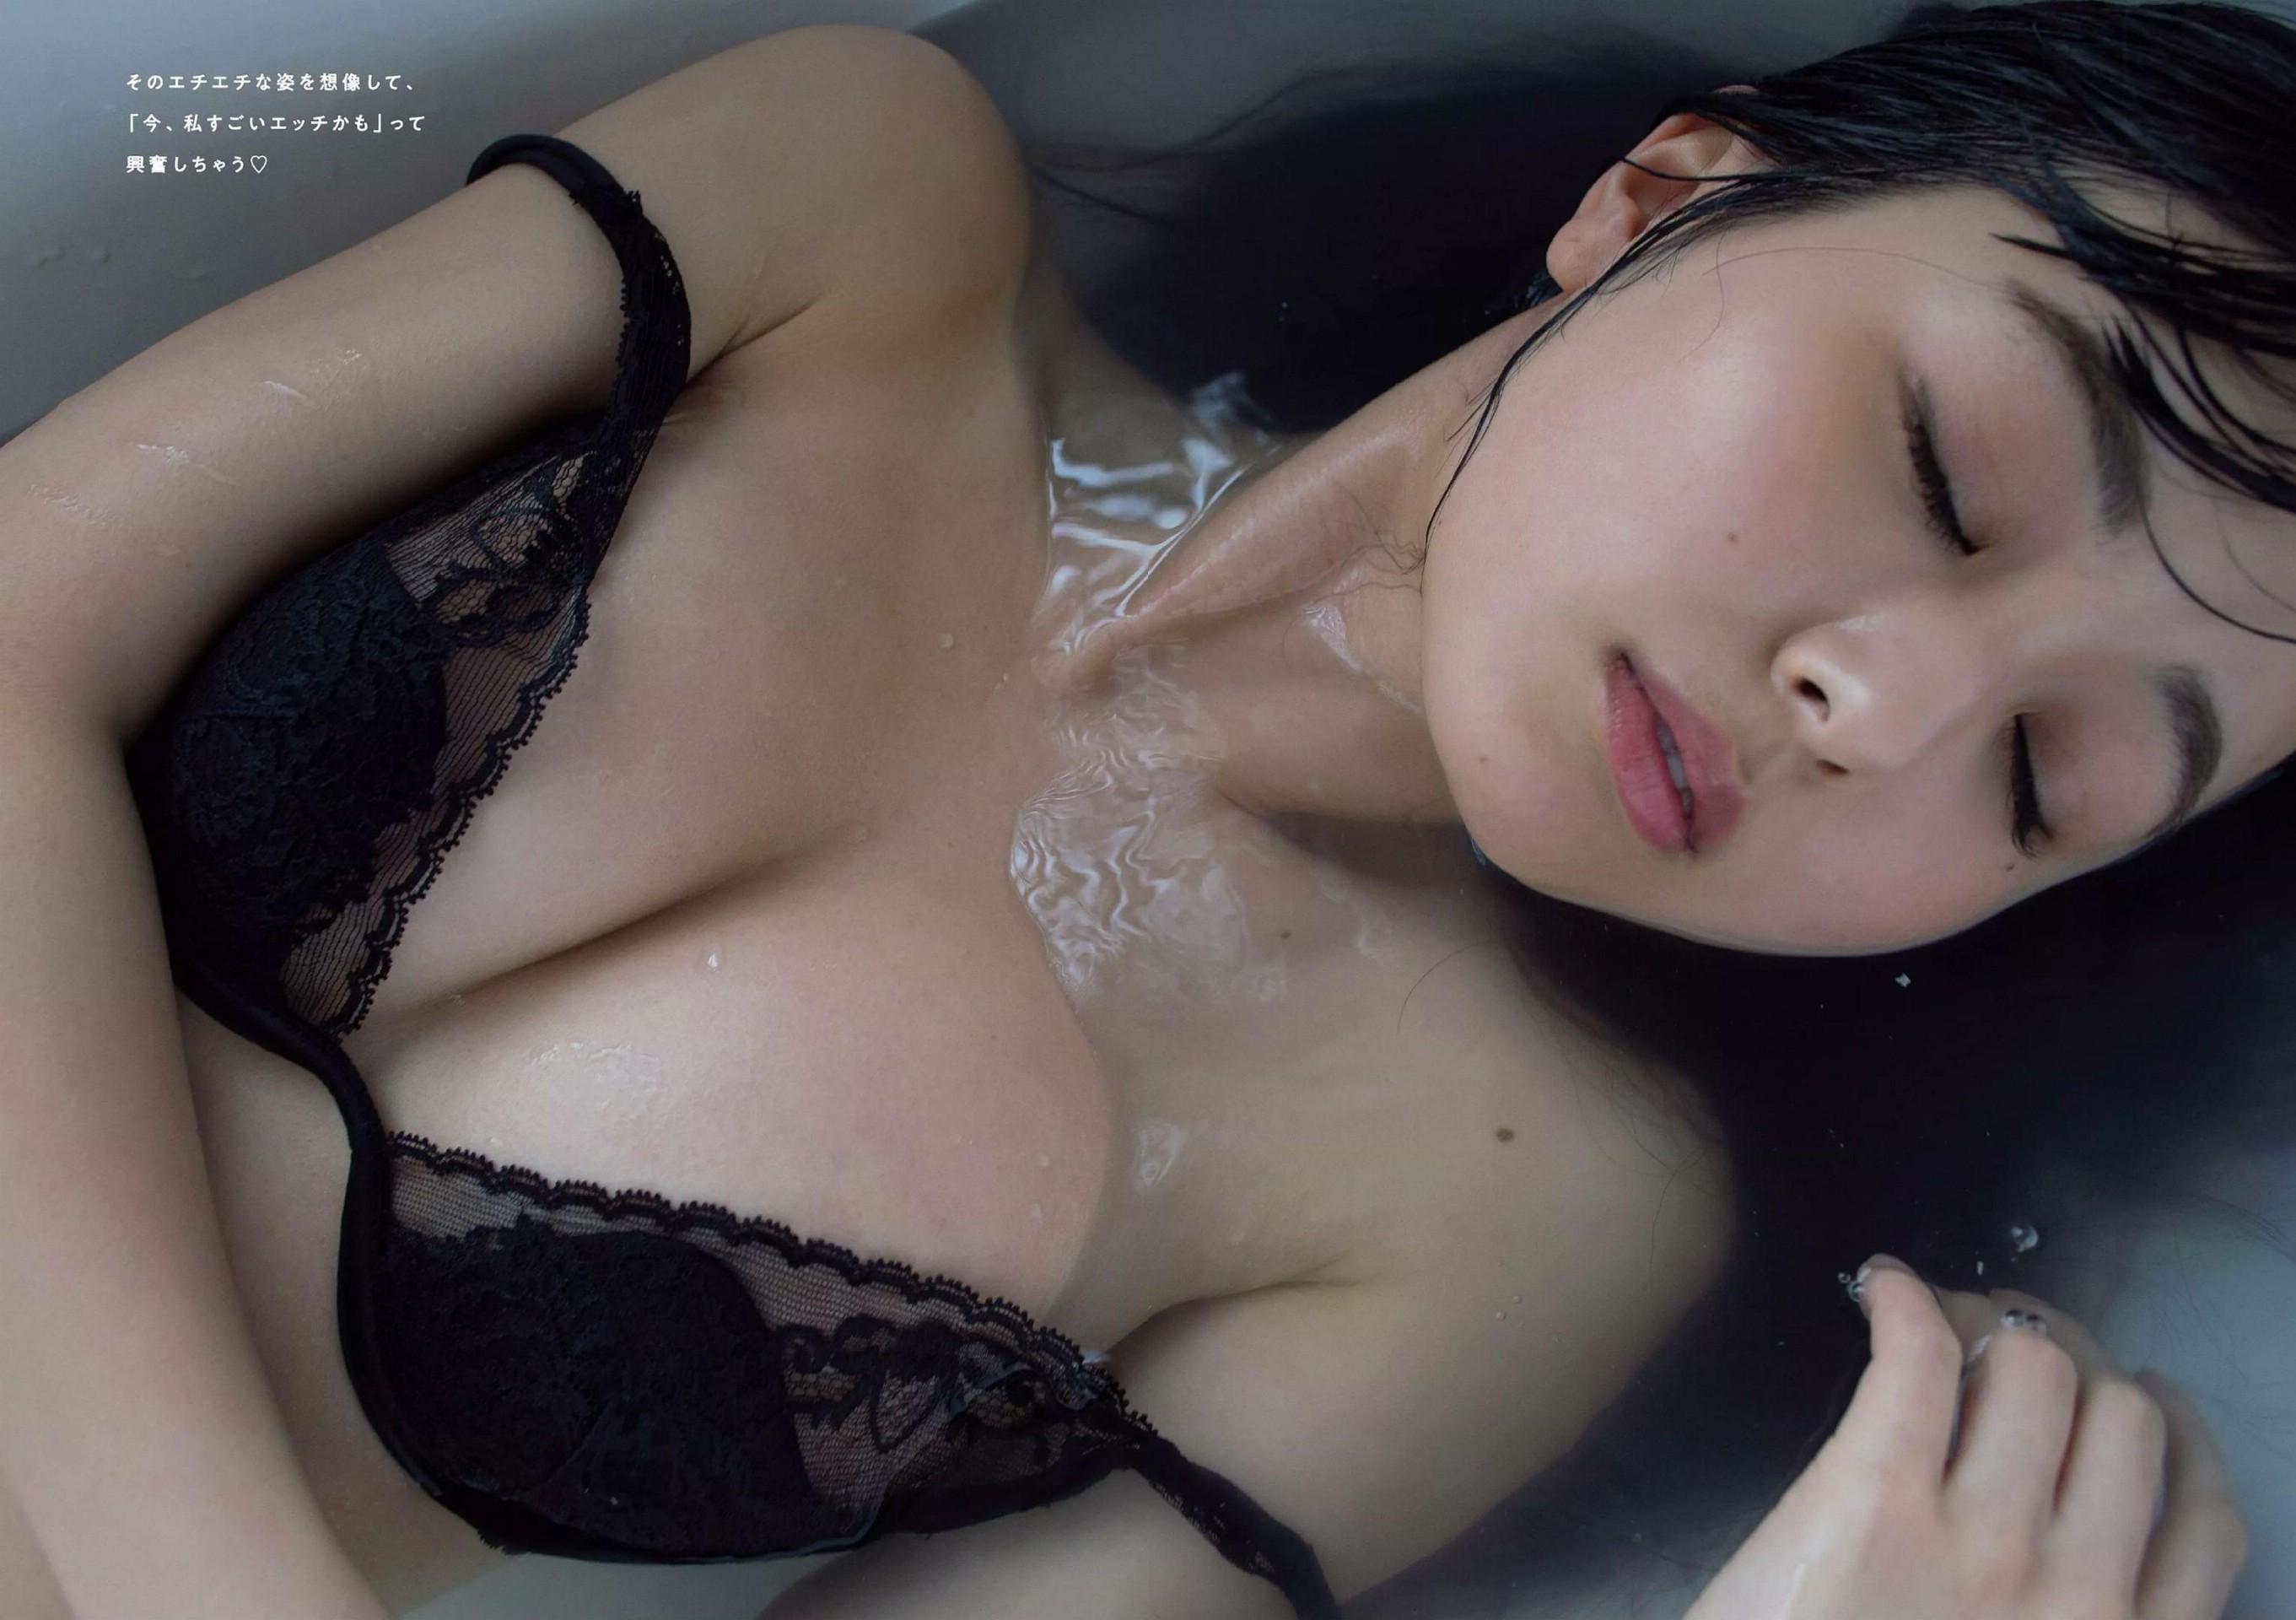 Weekly Playboy 2020-30_imgs-0049